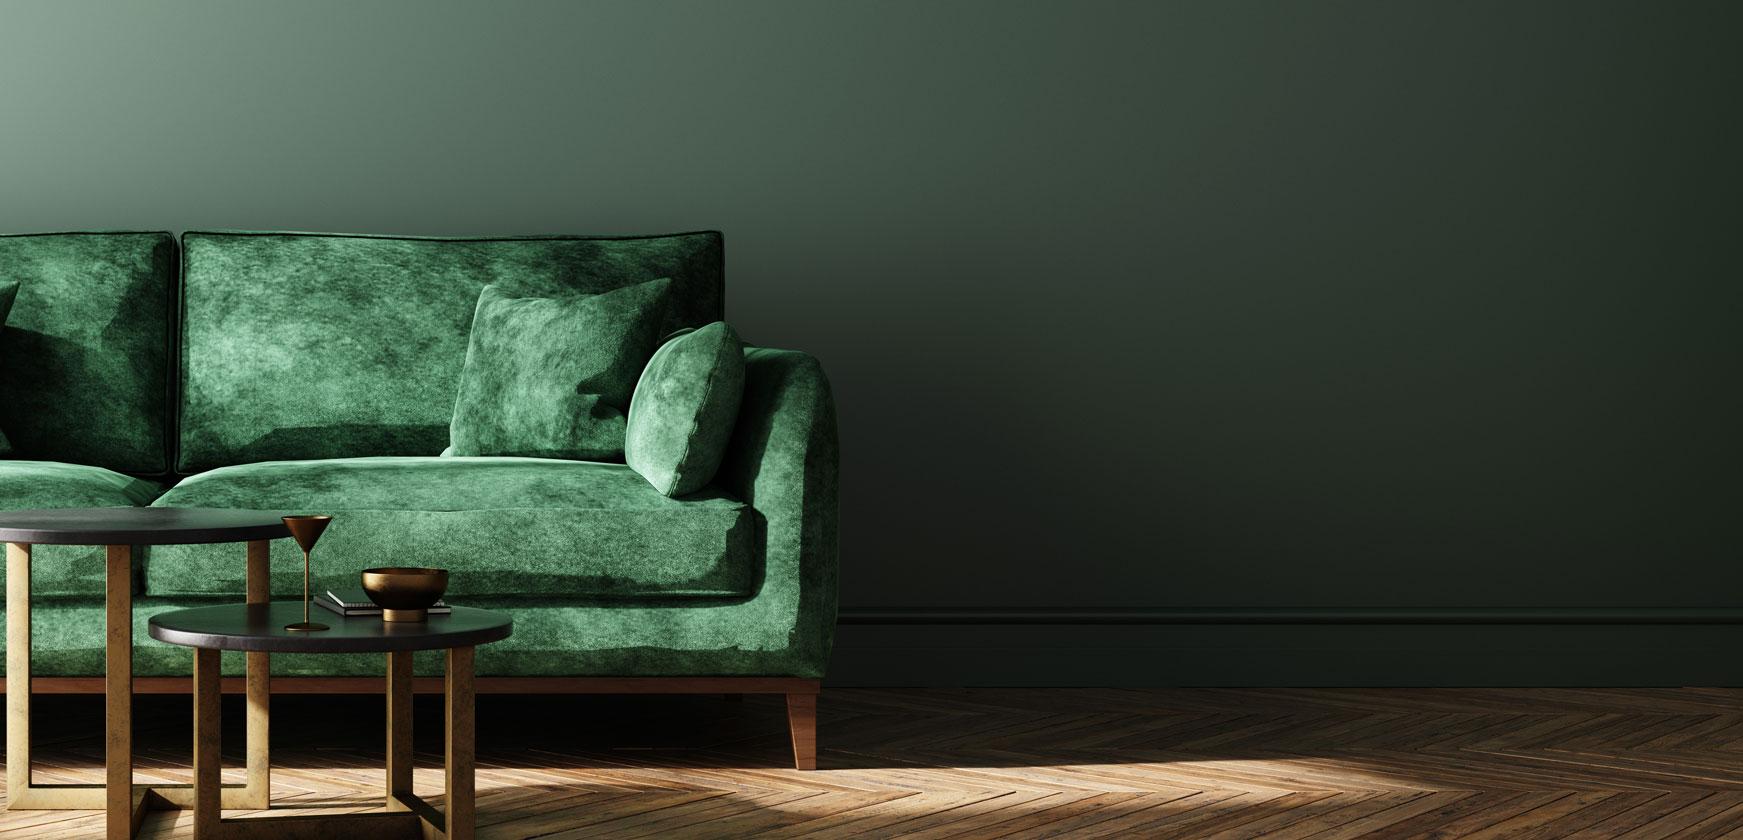 Designerfoto von einer gruenen Samtcouch vor dunkelgruenem Hintergrund auf Parkettboden